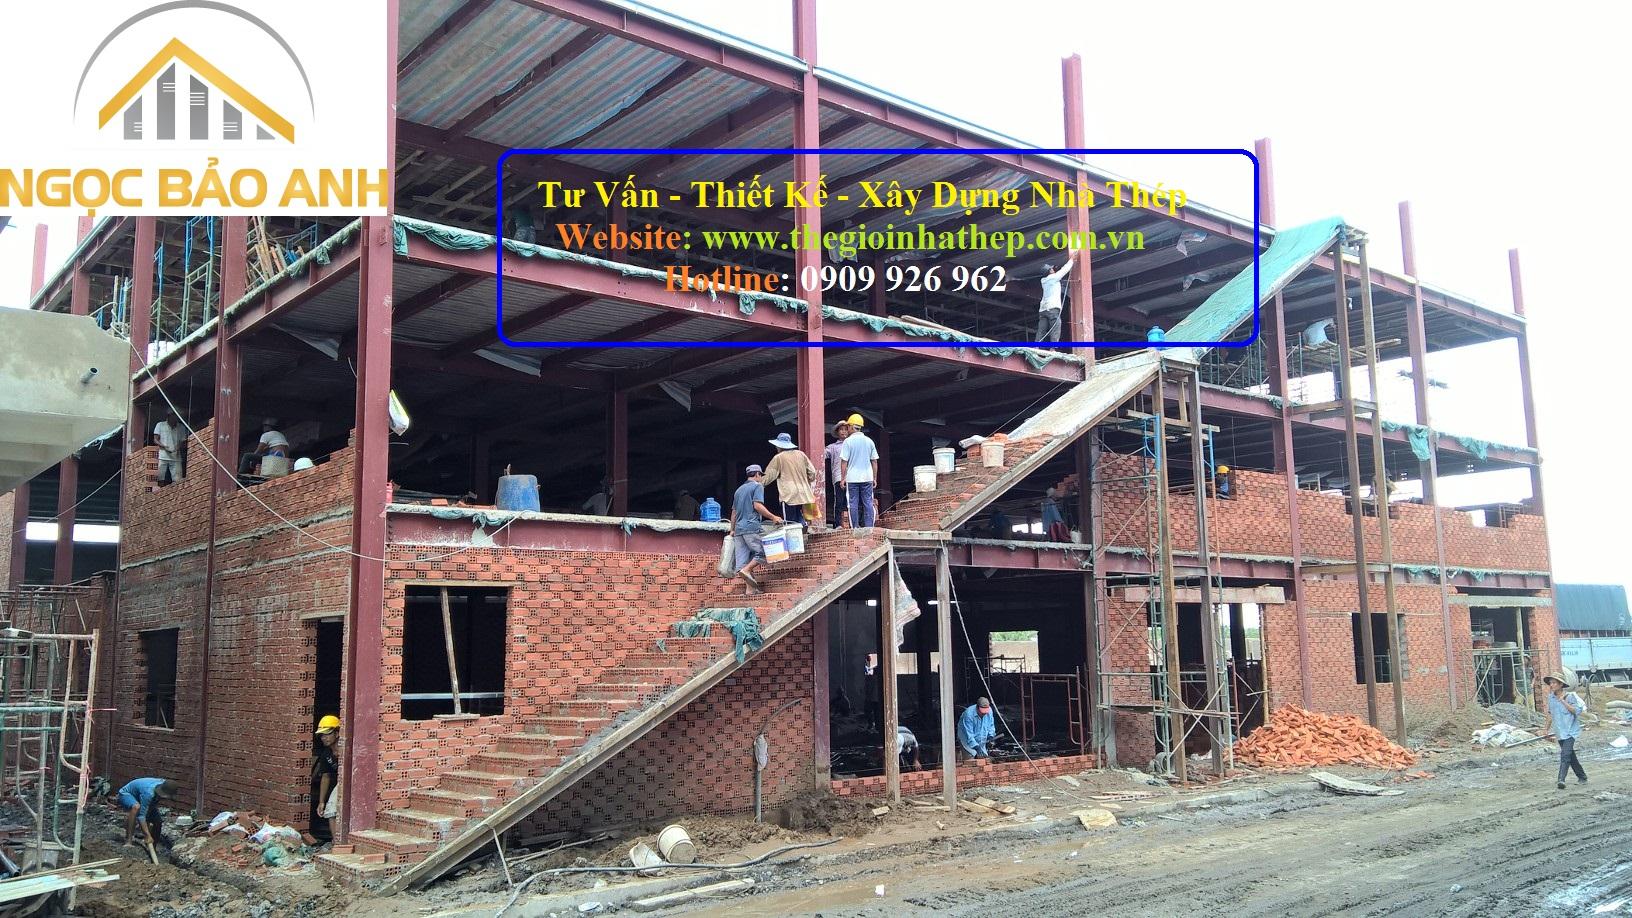 Xây dựng nhà khung thép tại Đức Hòa Long An